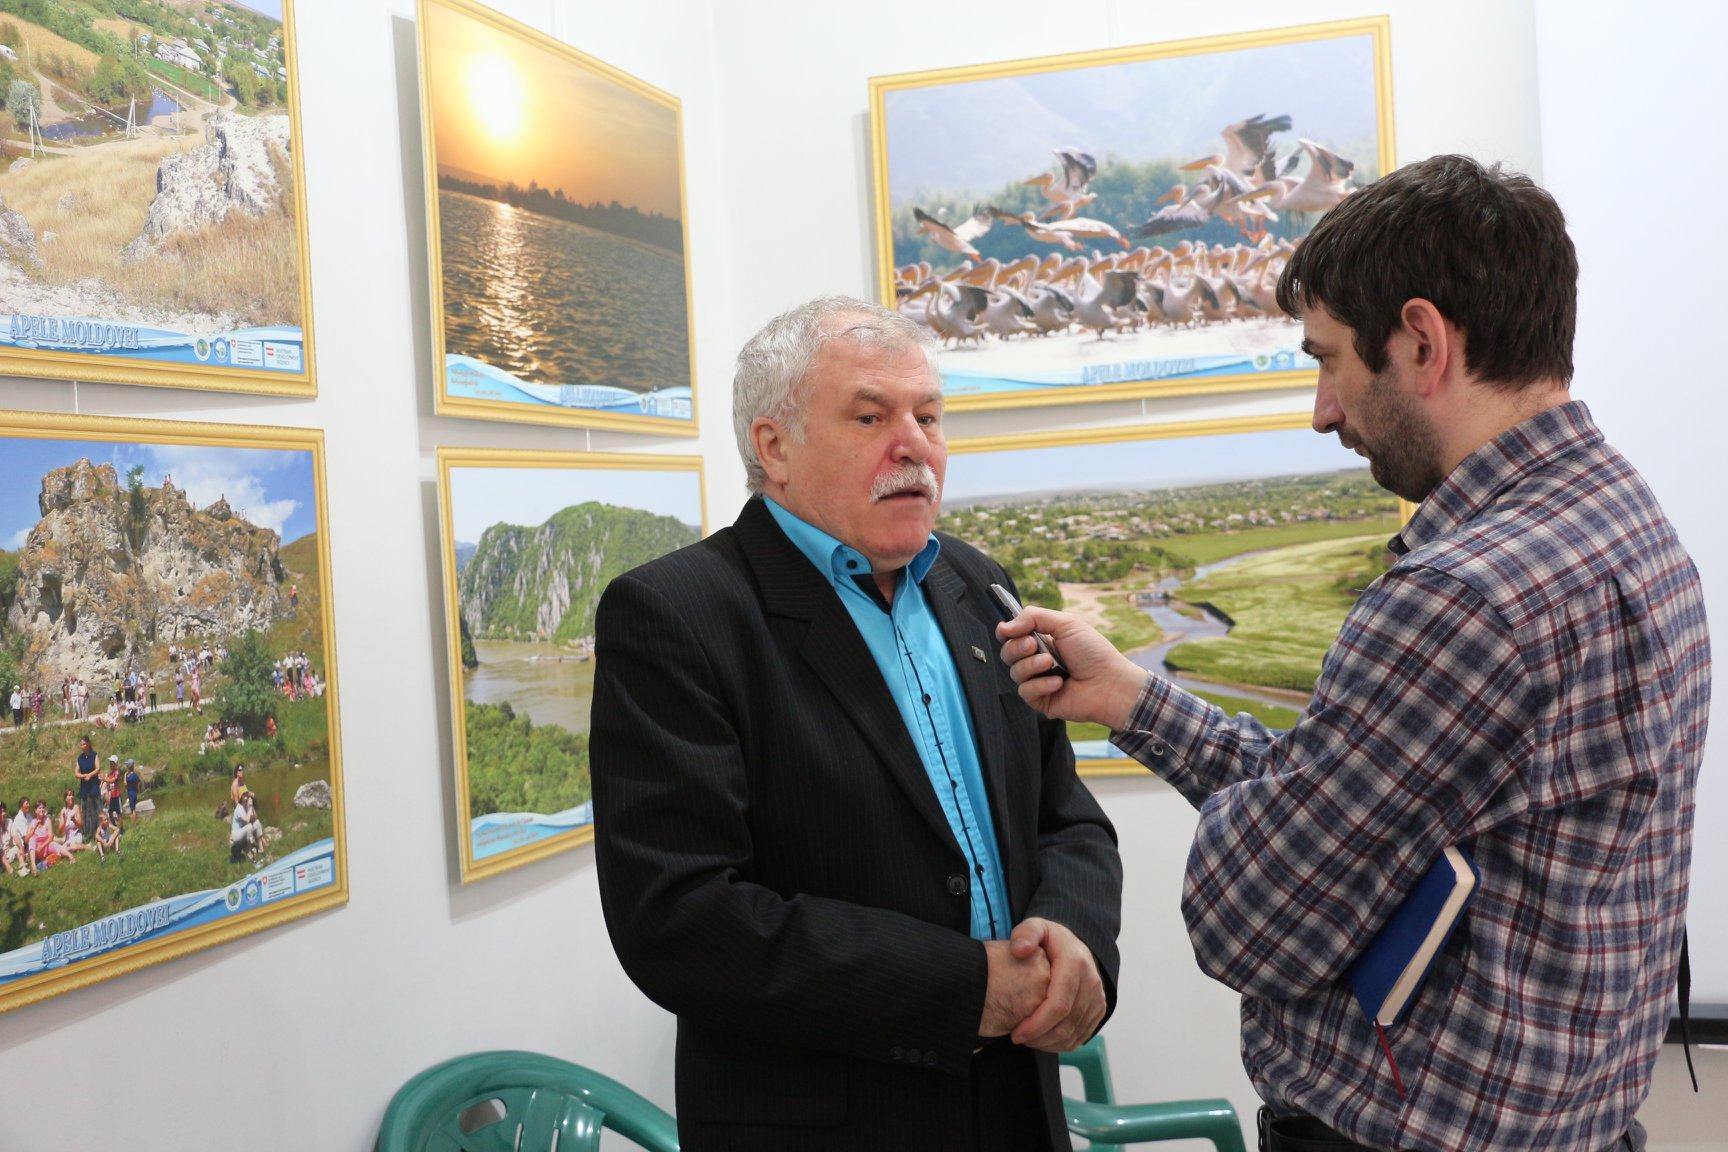 Declarații pentru presa locală: Alecu Reniță, președintele MEM în discuție cu jurnalistul Vadim Șterbate